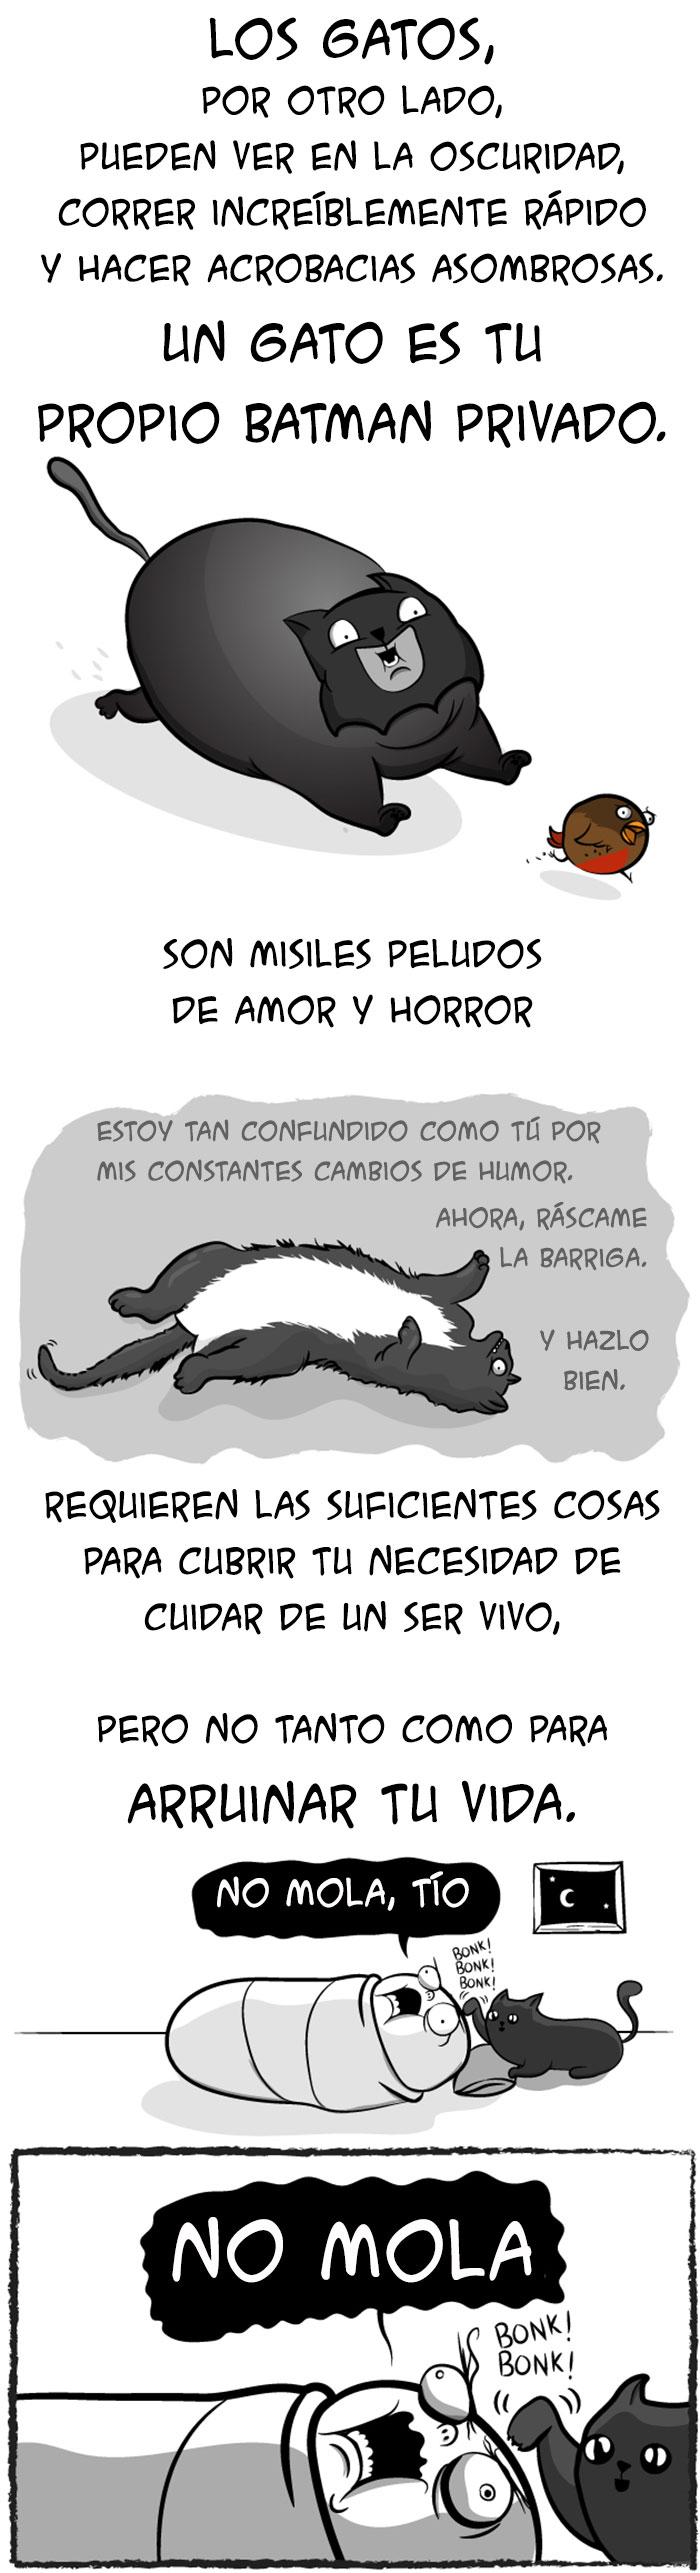 bebes gatos 8